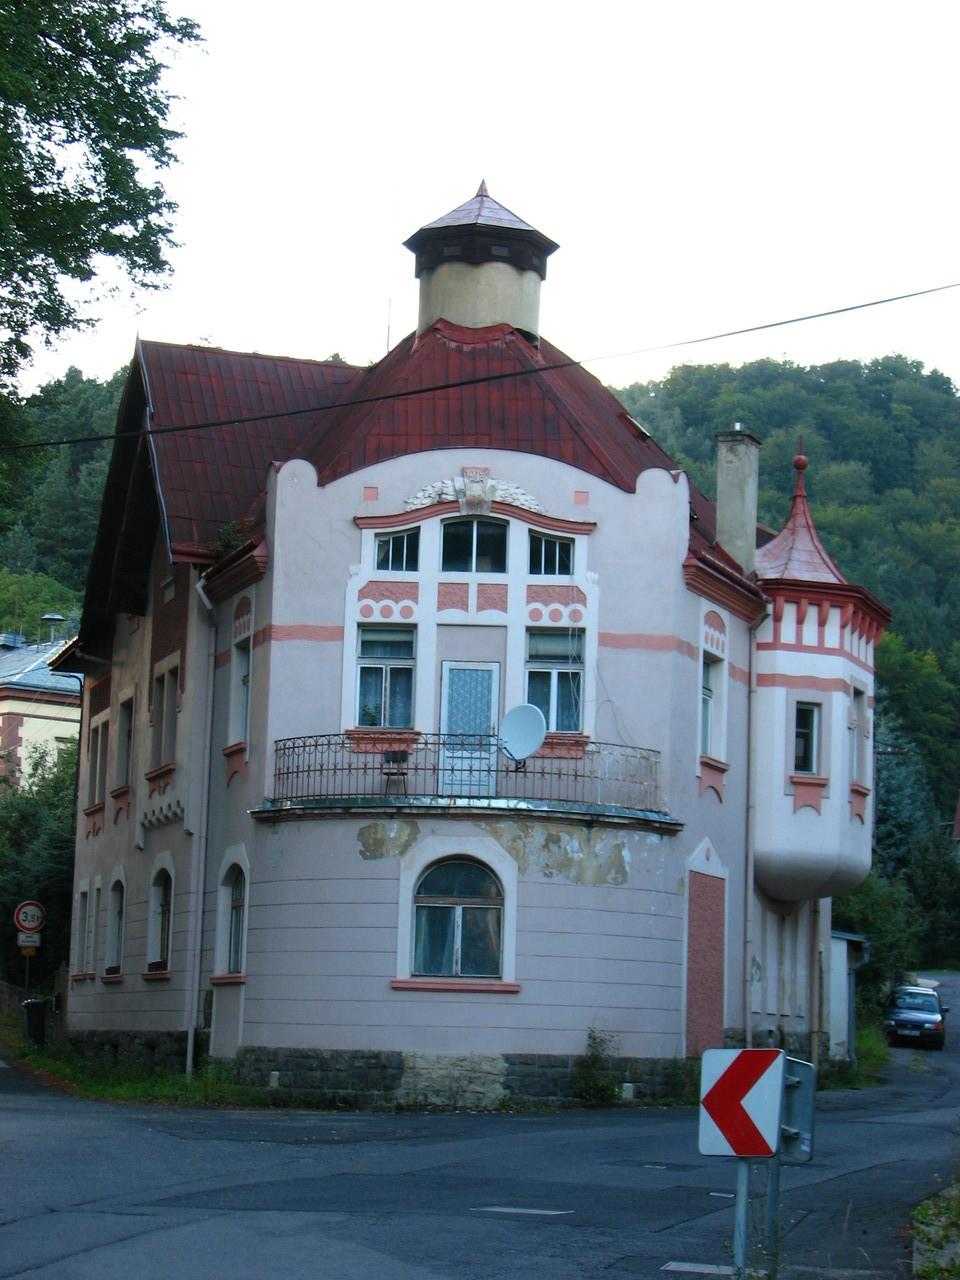 Ein Haus in der Nachbarschaft